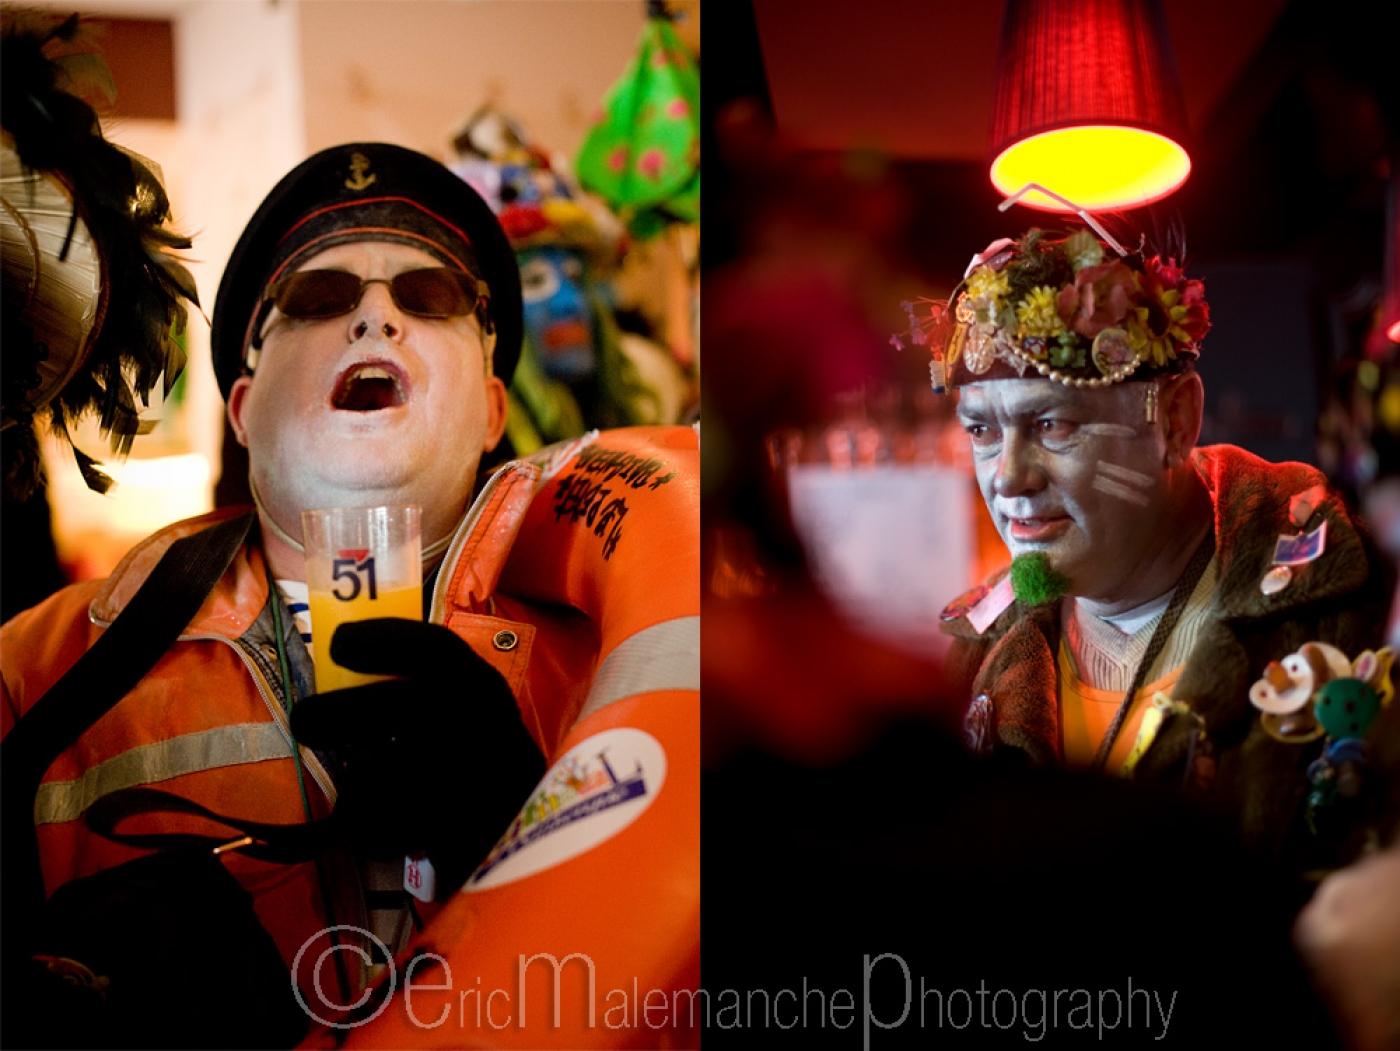 https://www.ericmalemanche.com/imagess/topics/carnaval-de-dunkerque/liste/Carnaval-Dunkerque-0202.jpg